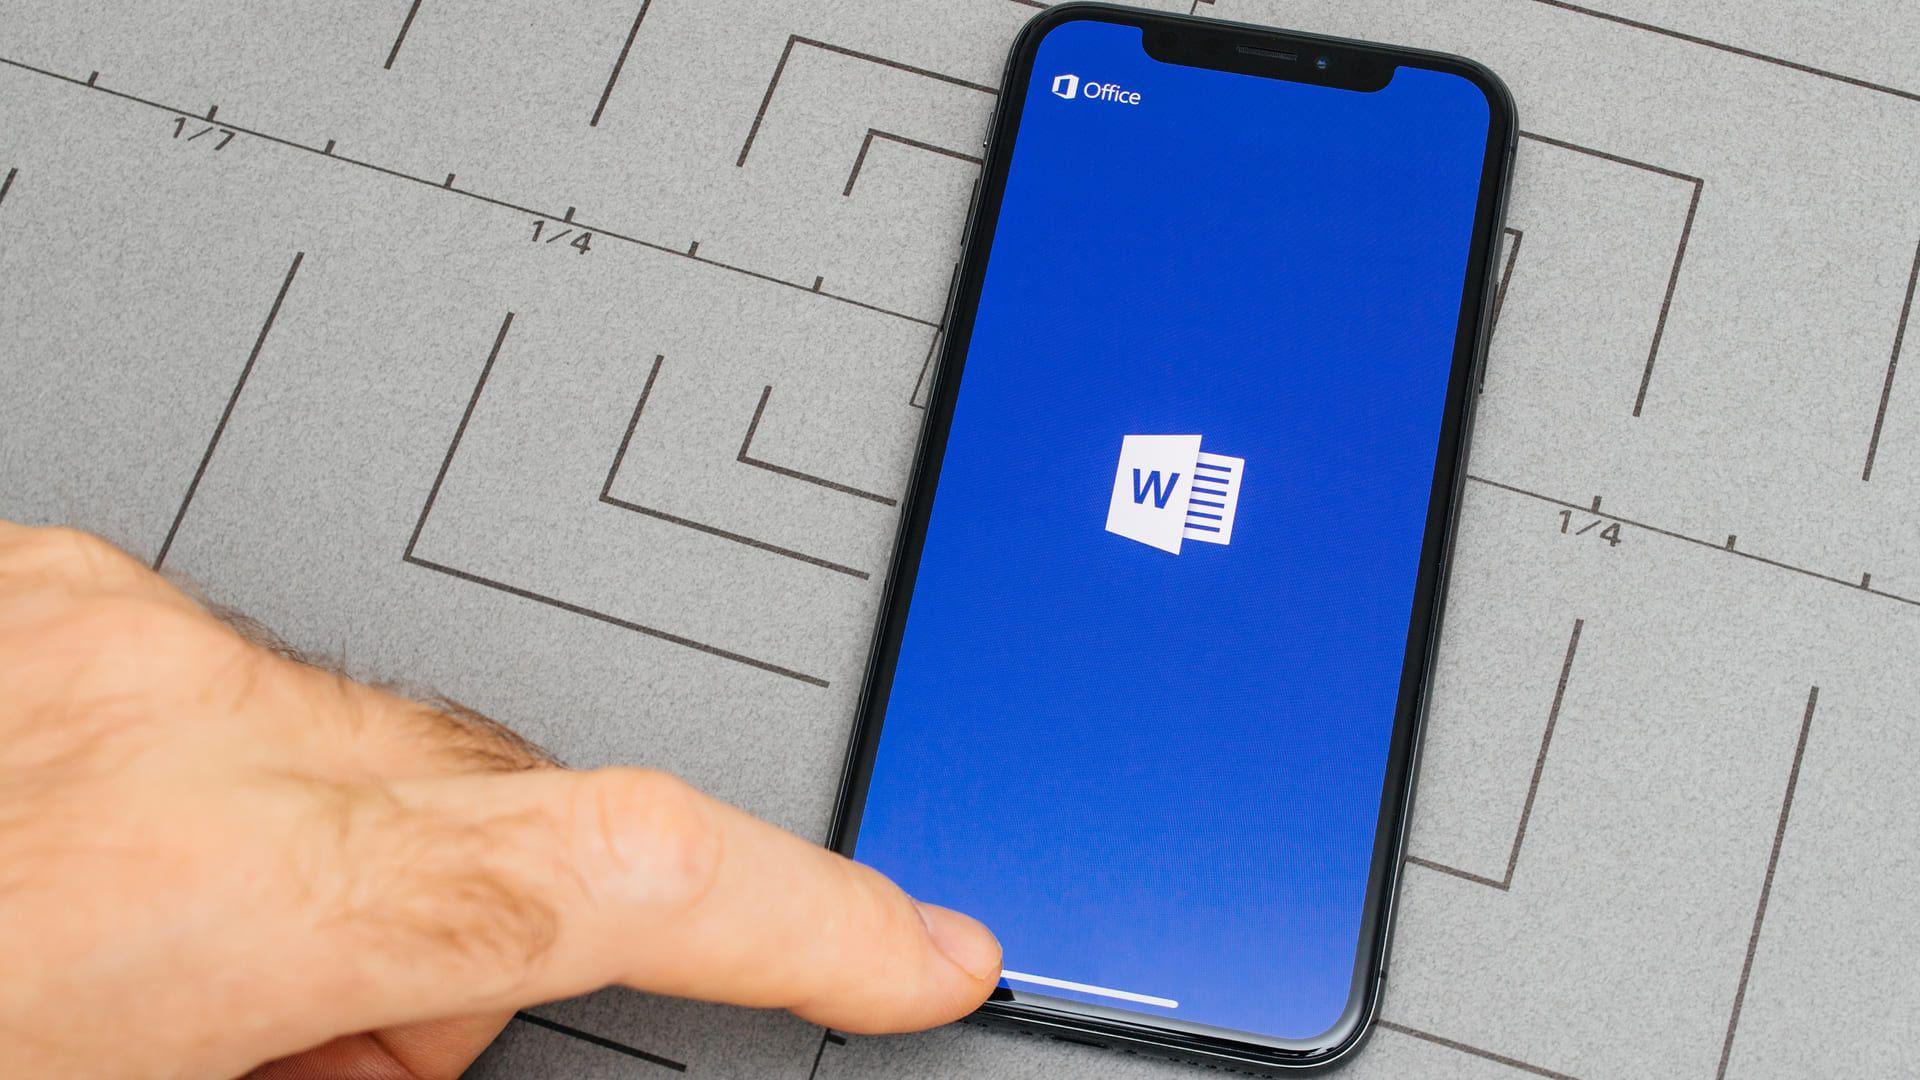 Versão do Microsoft Word para celular é mais simples (Foto: Shutterstock/Hadrian)